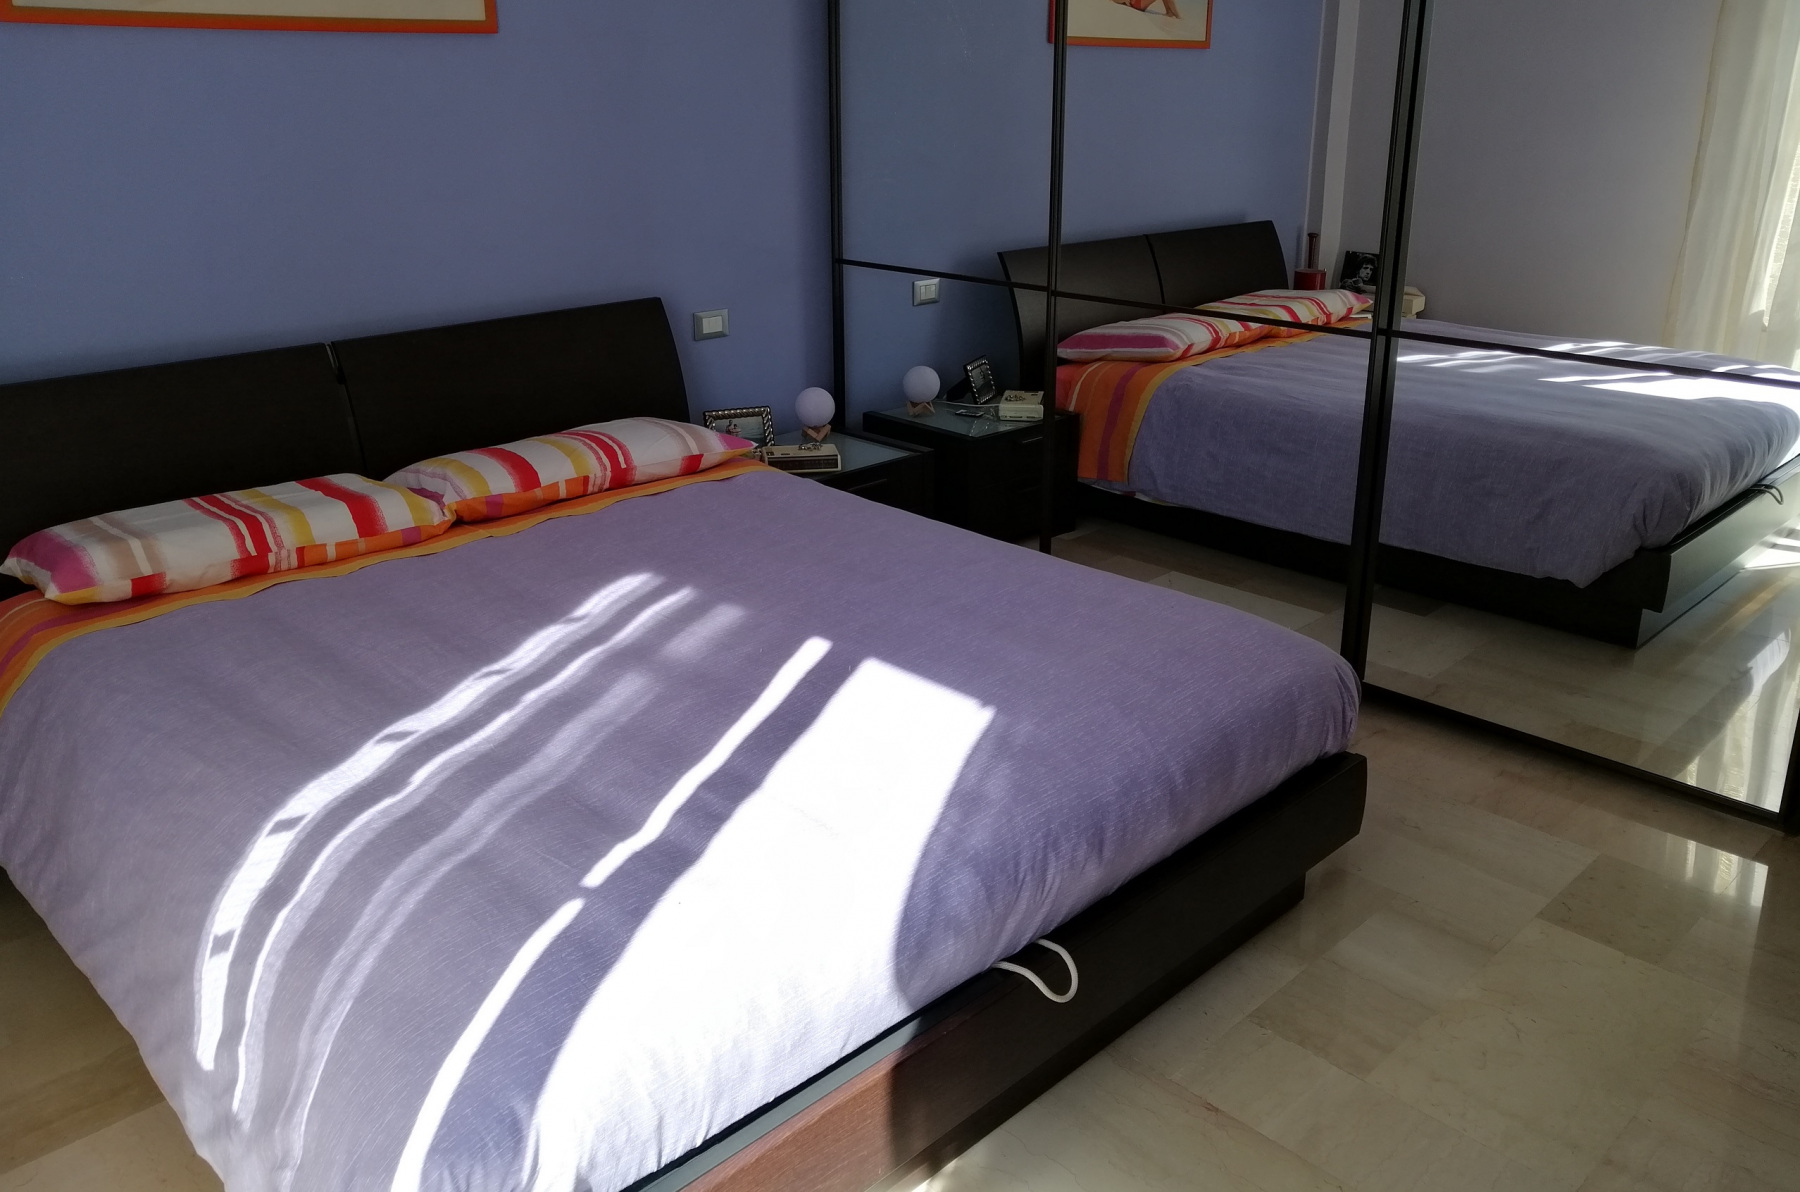 appartamenti-in-vendita-milano-baggio-2-locali-via-valle-antrona-8-spaziourbano-immobiliare-vene-2